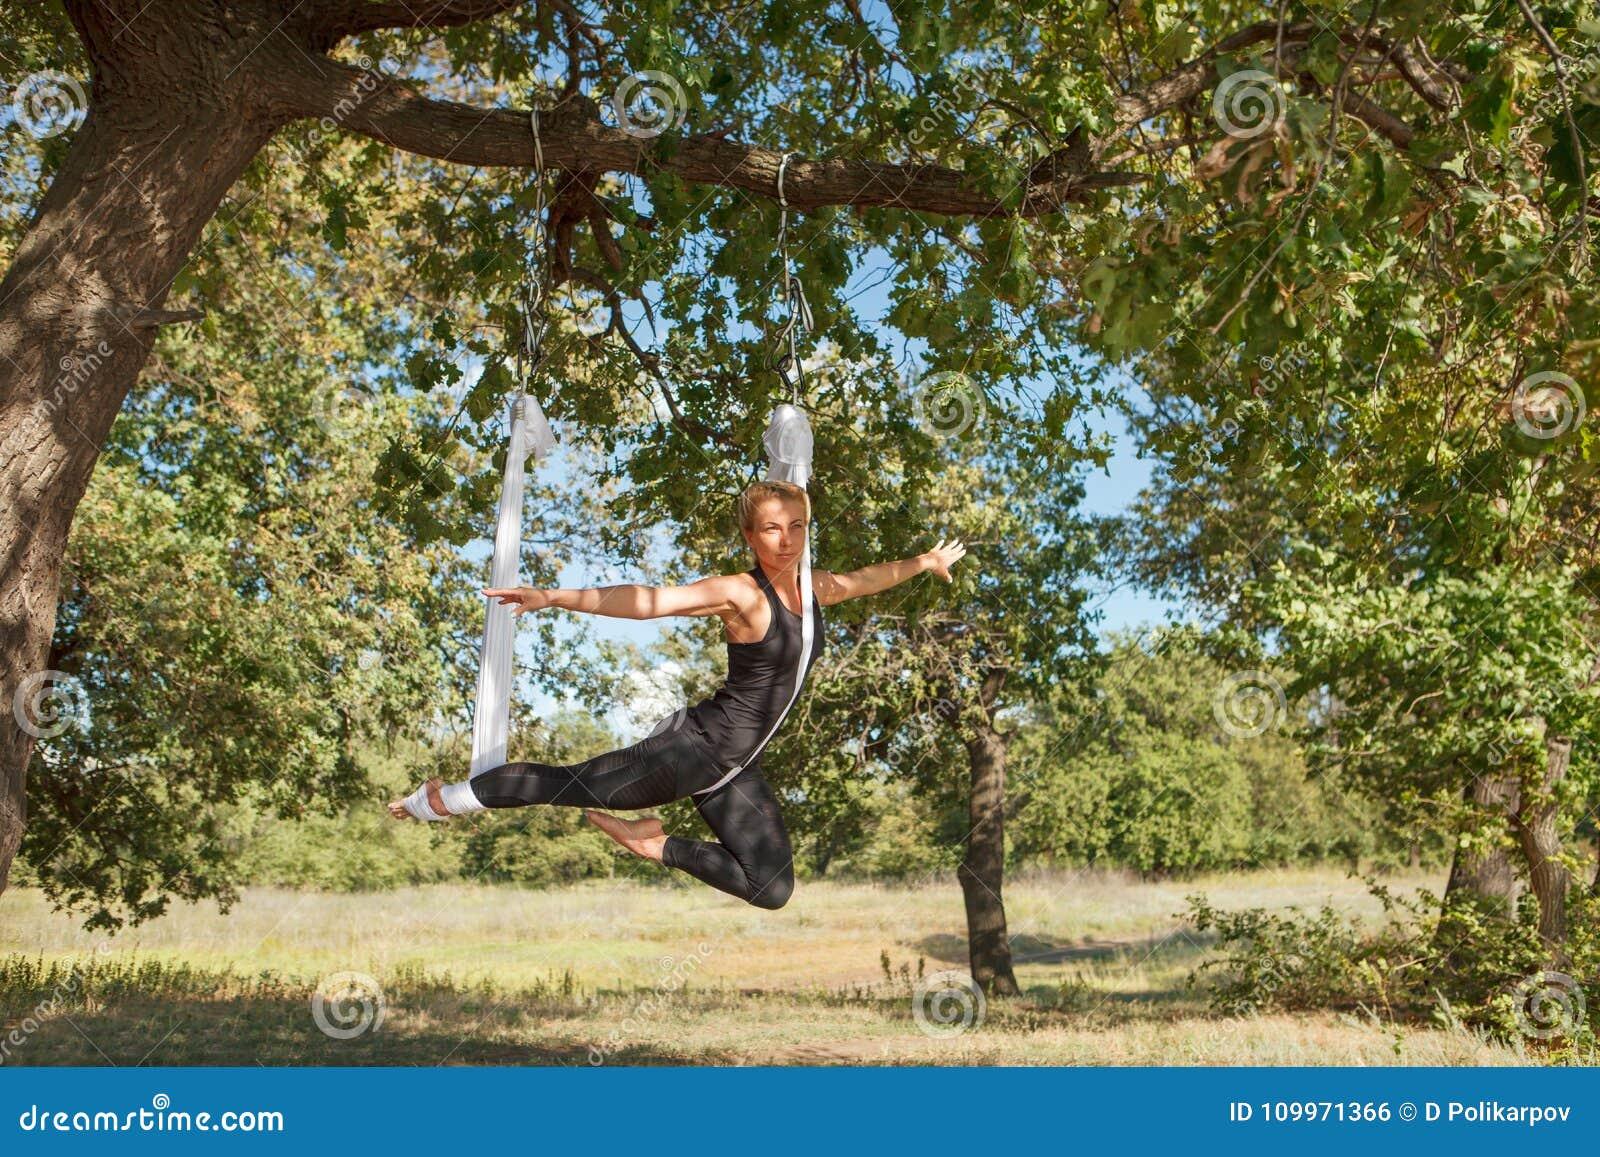 Mujer que practica yoga antigravedad en el árbol cerca del río